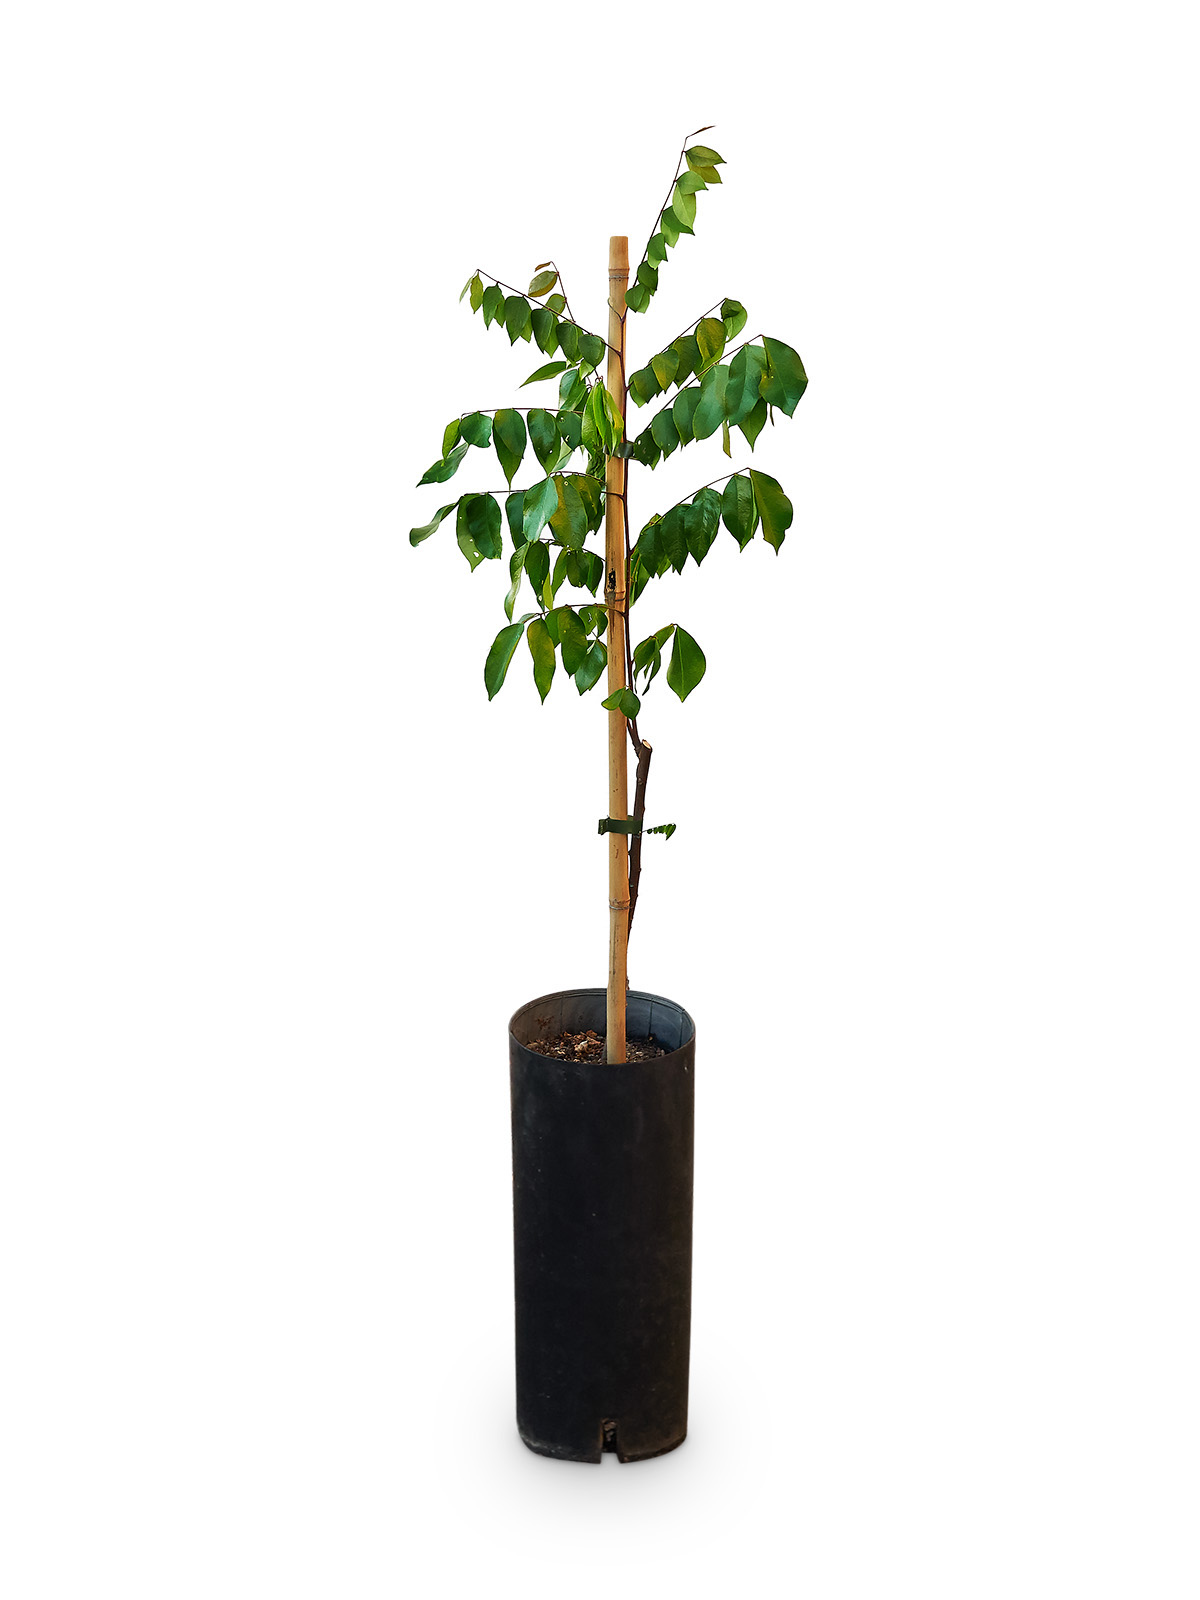 Planta de Carambola con maceta en vivero